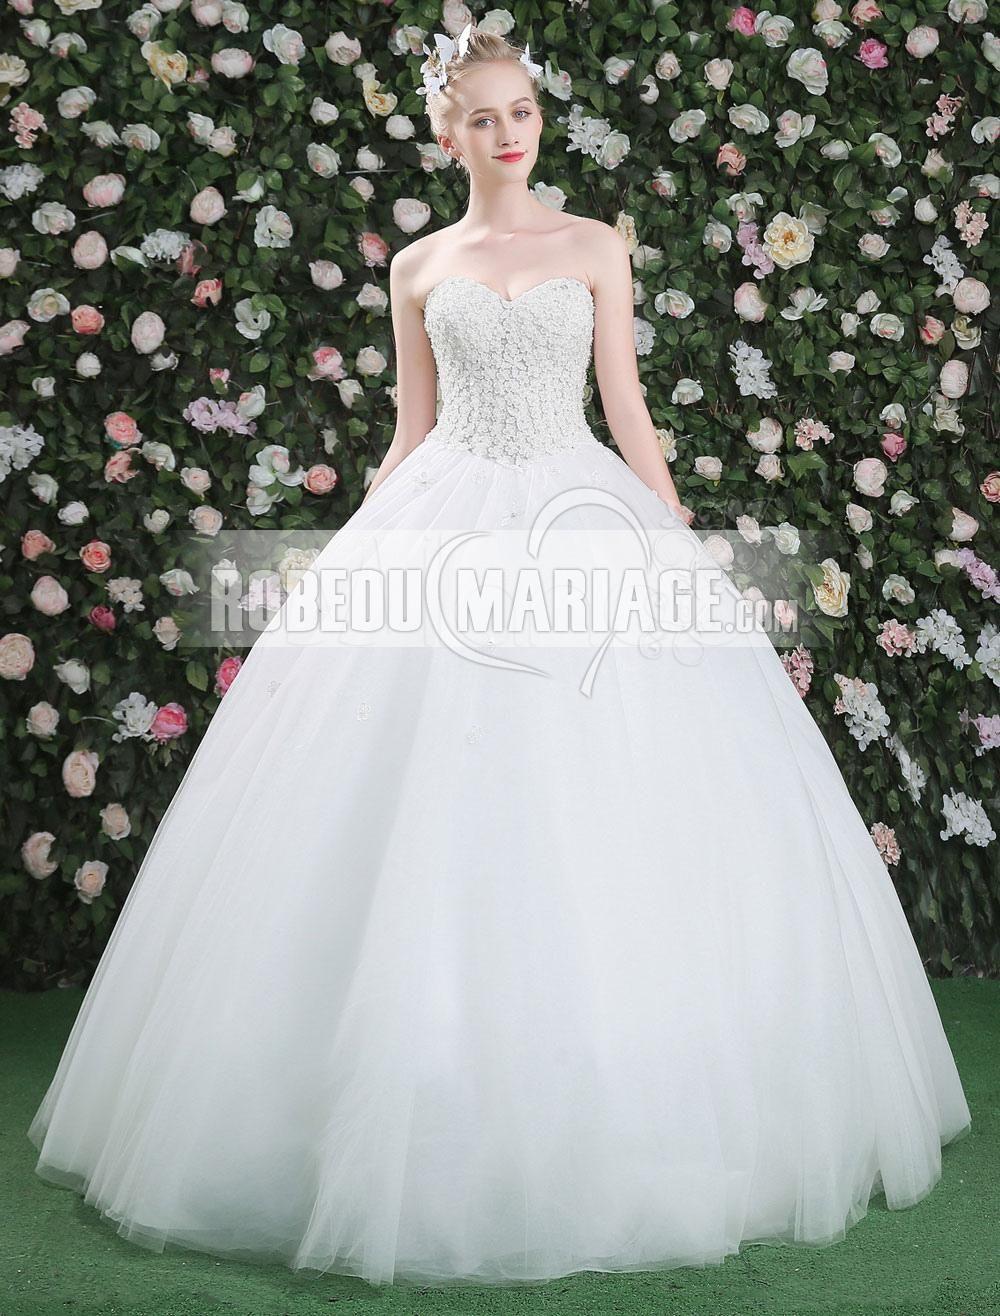 fc048611ece Robe de mariée princesse robe bustier col en cœur   ROBE2013965  -  robedumariage.